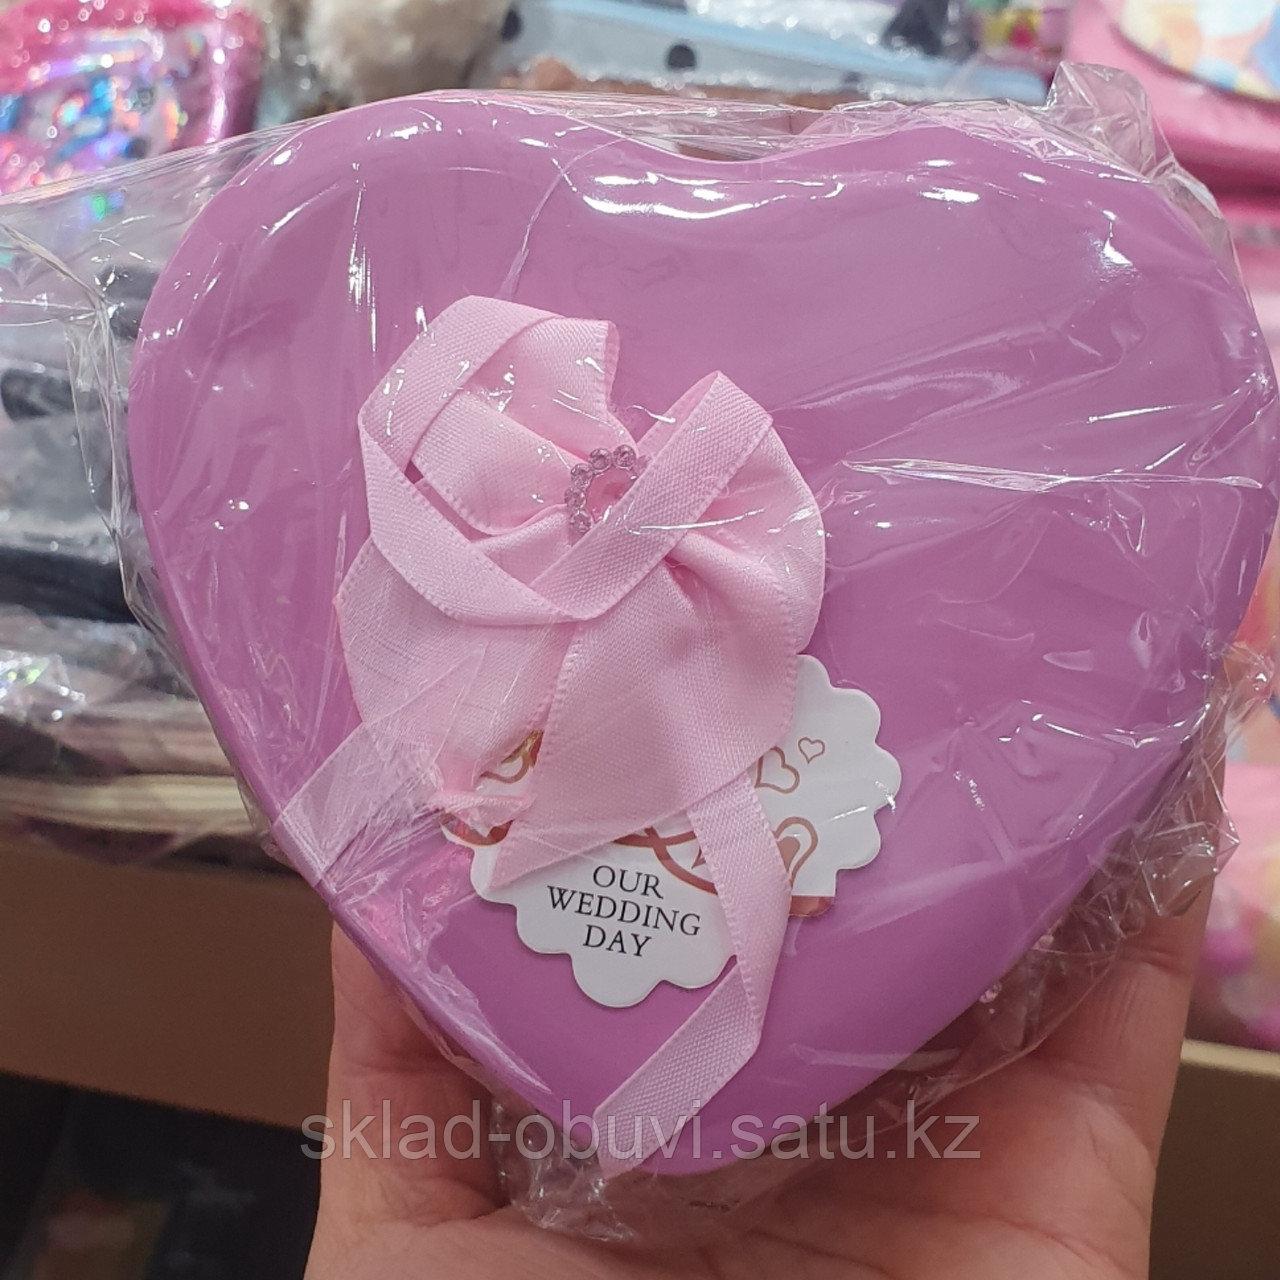 Цветы с игрушкой / милый подарок / букет/ подарочный набор в металлической коробочке в форме сердца - фото 3